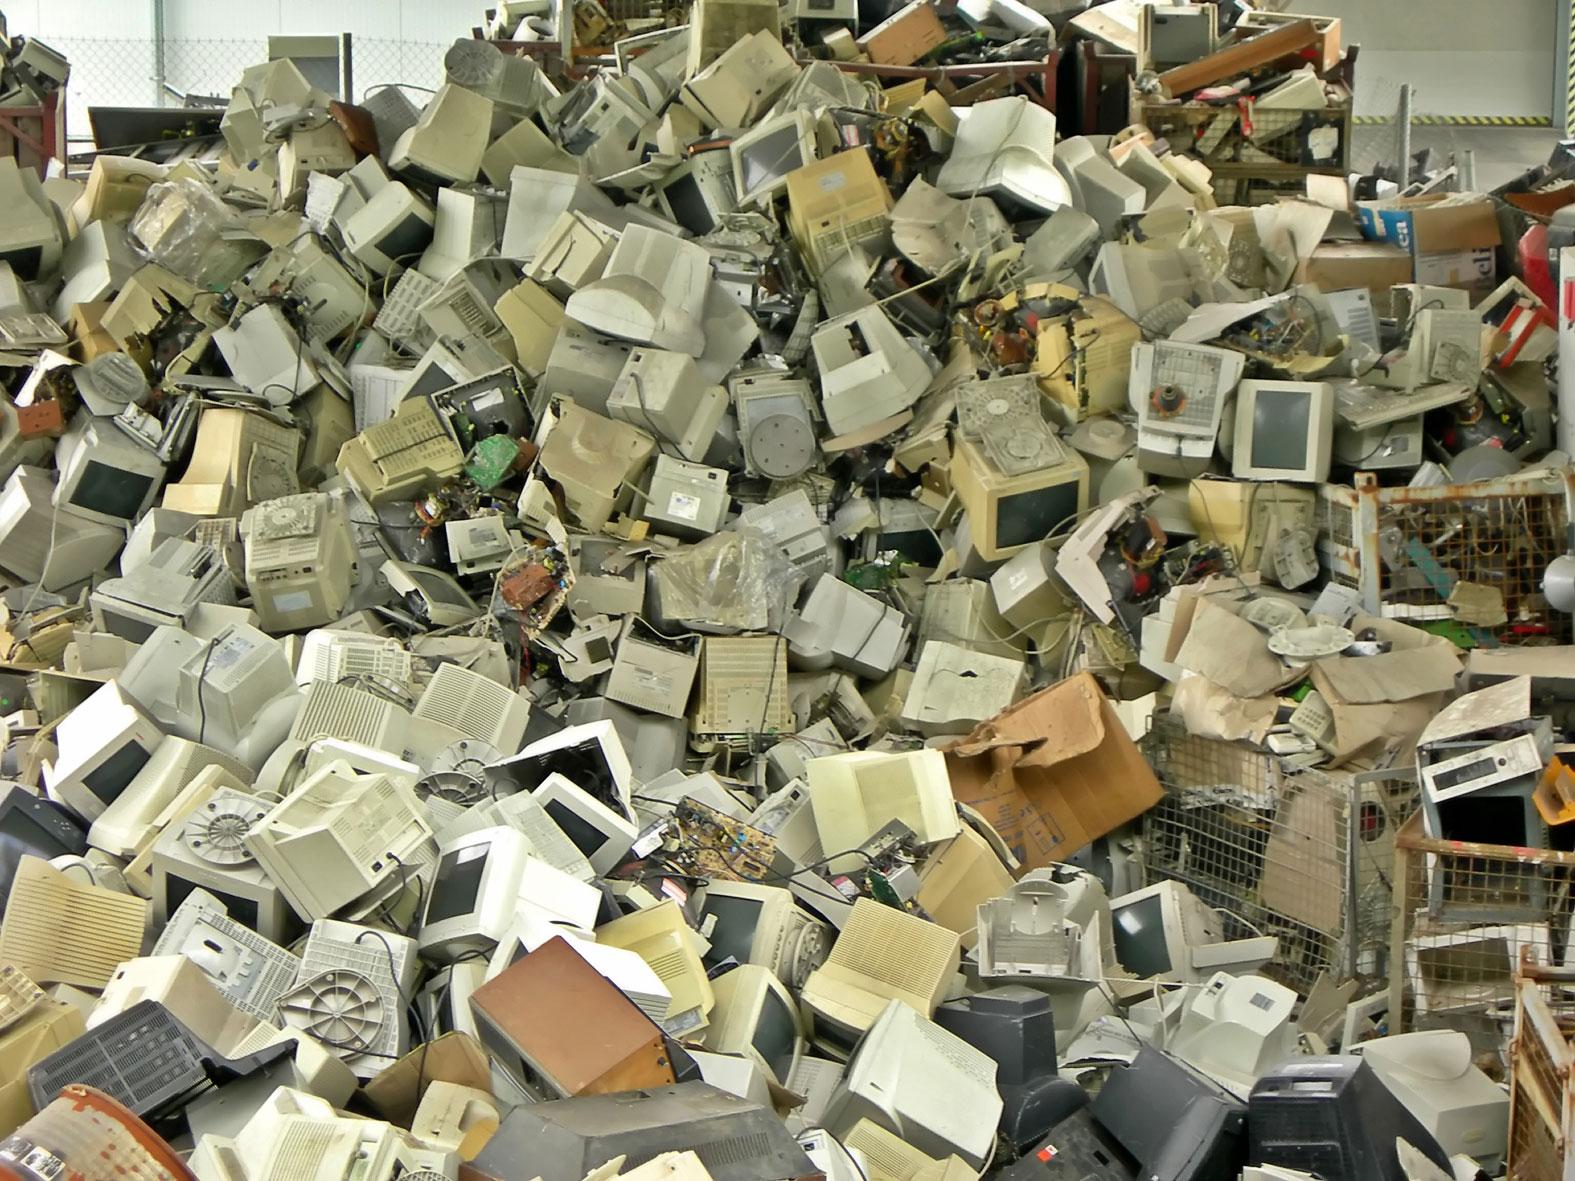 http://tech.befan.it/rifiuti-elettronici-le-discariche-urbane-miniere-di-oro-e-argento/